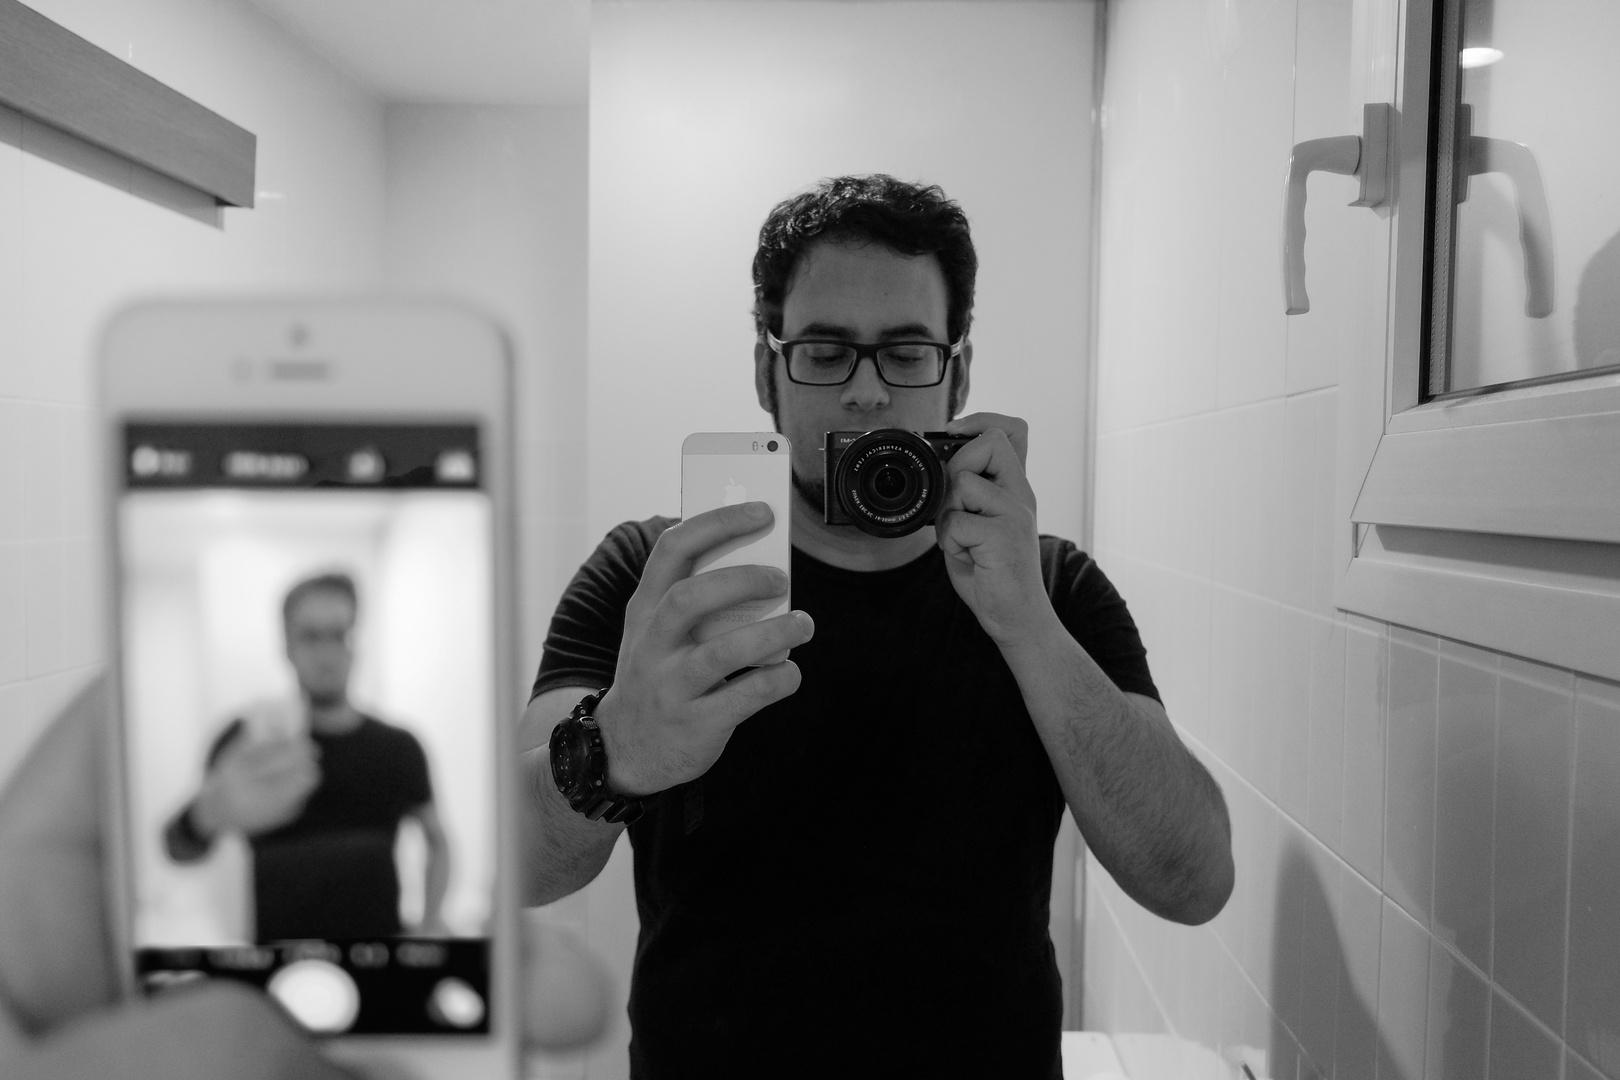 Típico selfie